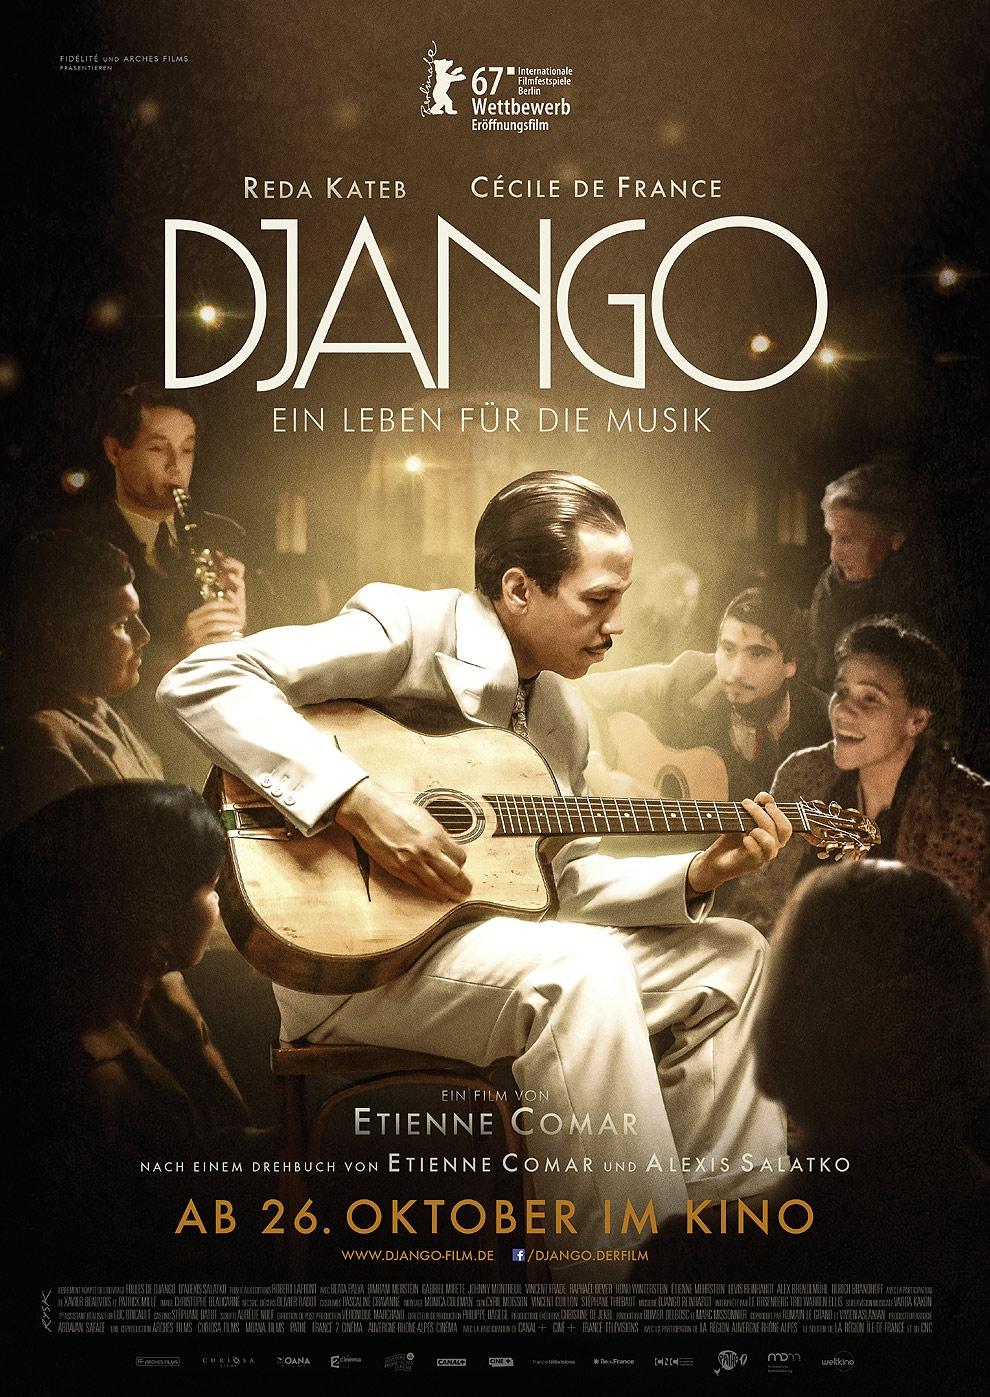 Django - Ein Leben für die Musik (Poster)